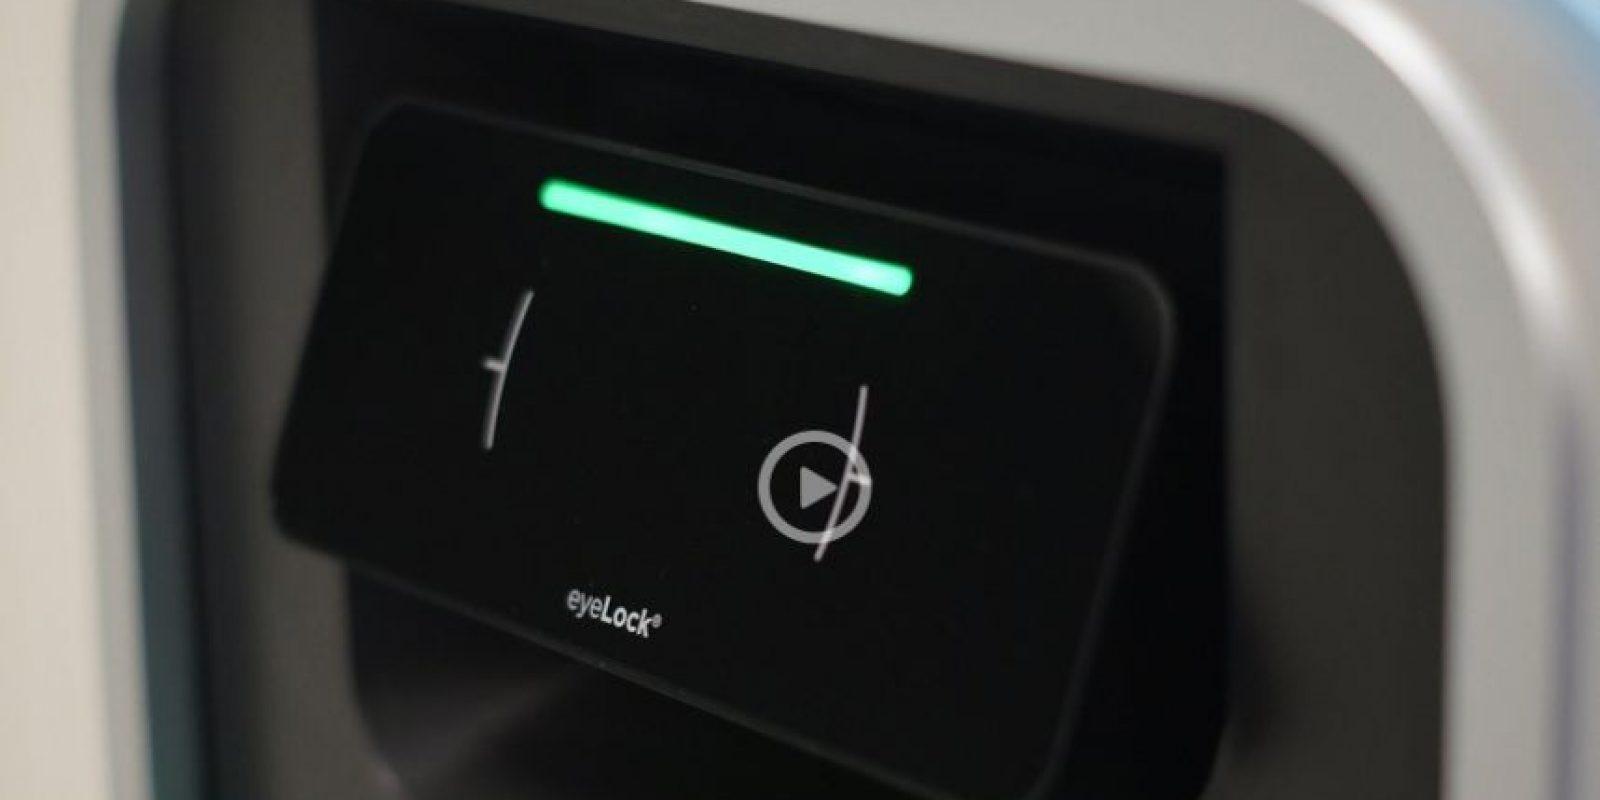 Saca dinero del cajero automático con tu iris. La biometría es una tecnología que hasta hace poco era material para las películas de Misión imposible; sin embargo, está cada vez más ampliamente disponible. EyeLock y Diebold se han unido en la creación de un nuevo cajero automático de autoservicio, sin pantalla, que no requiere de un teclado de PIN, lector de tarjetas, o pantalla, utilizando el escaneo del iris para identificar al cliente.